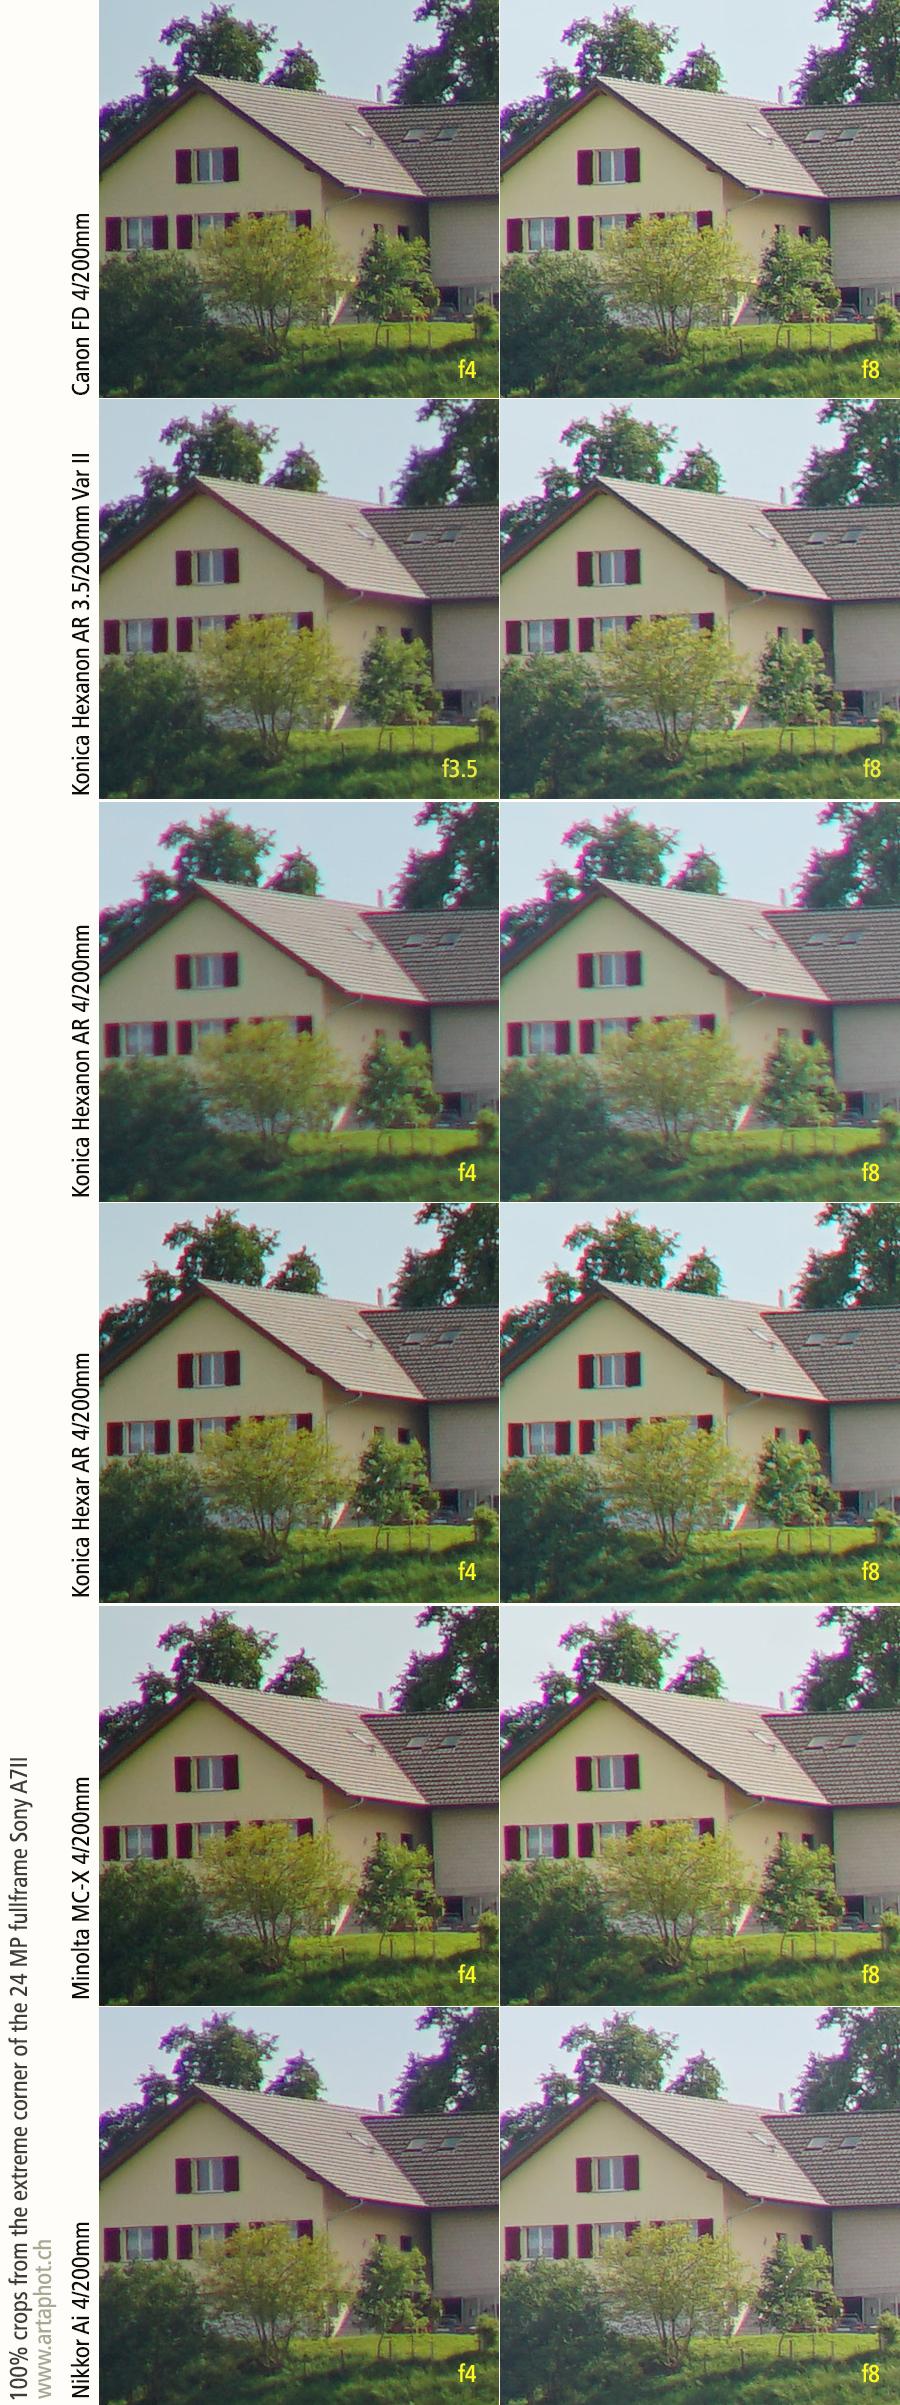 Test 200mm lenses